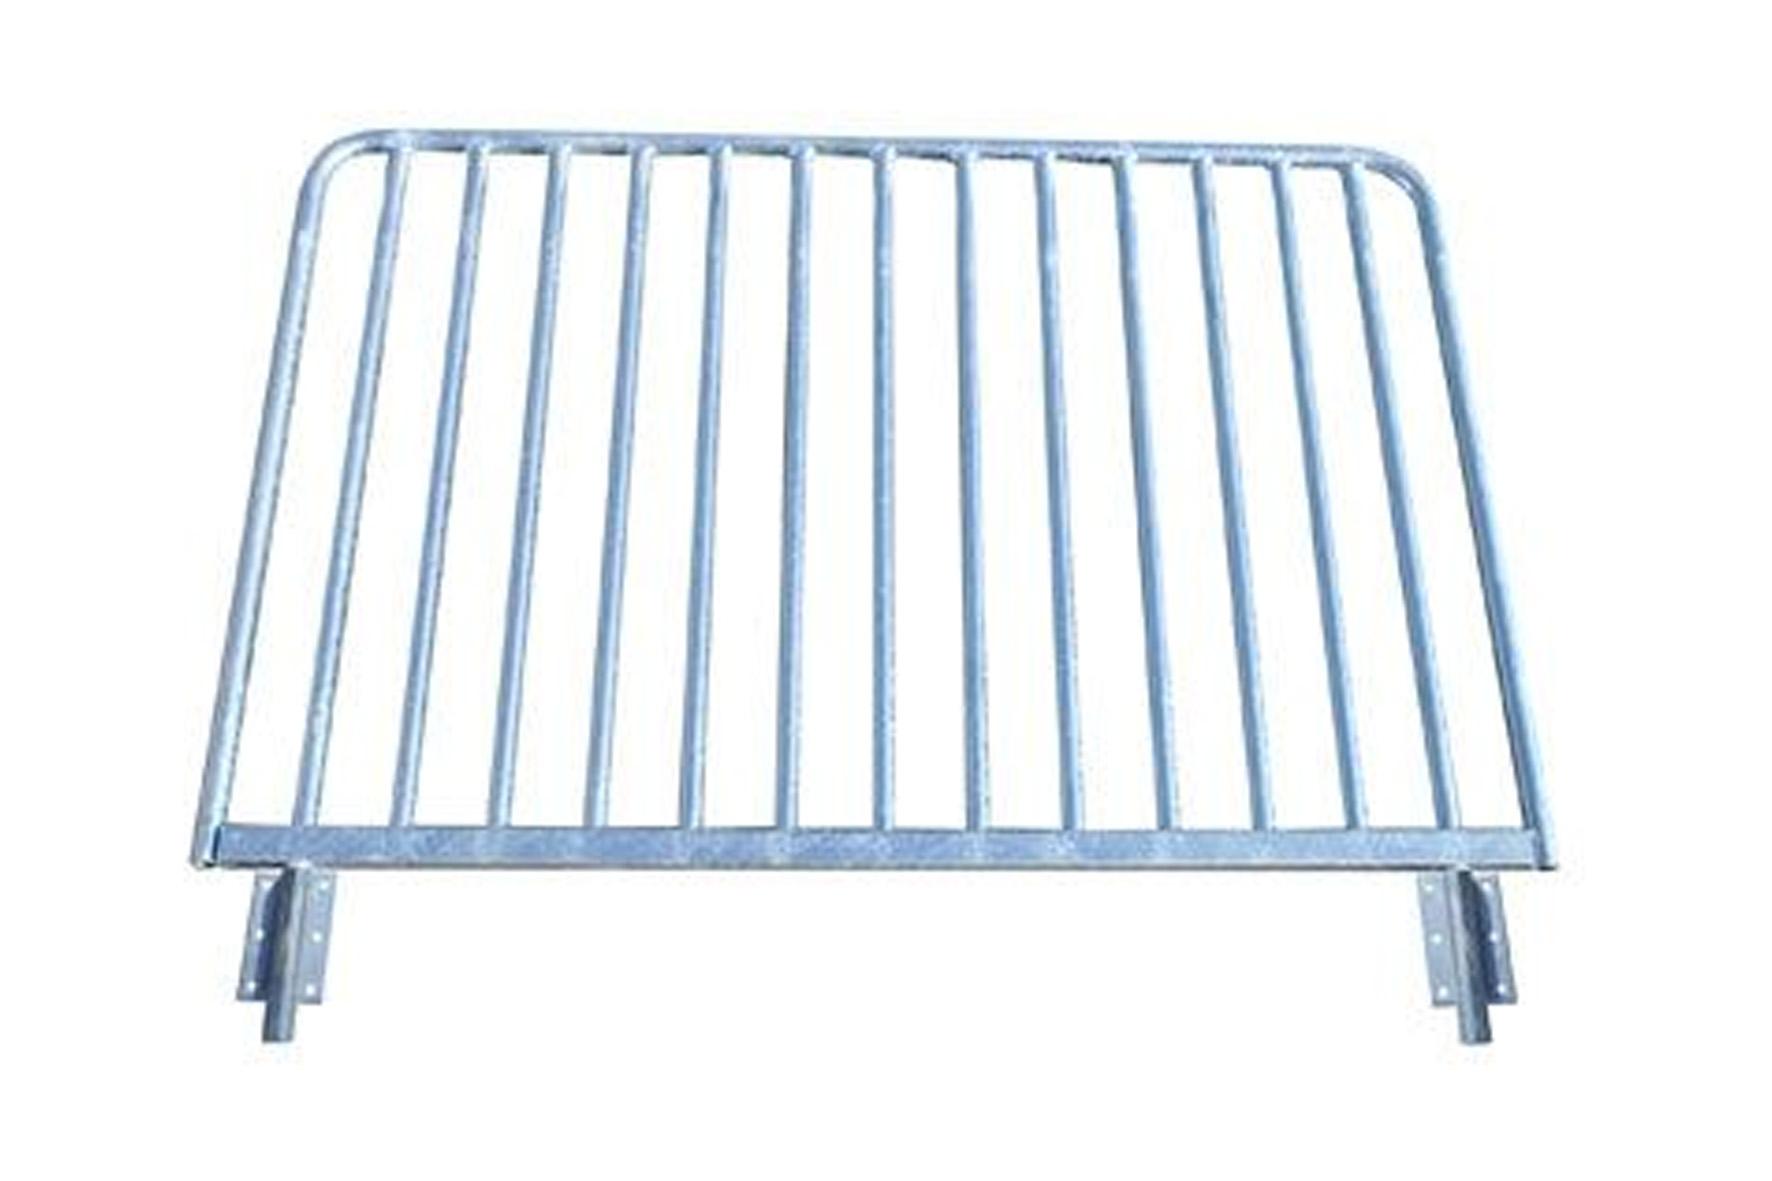 grille pleine achat en ligne ou dans notre magasin. Black Bedroom Furniture Sets. Home Design Ideas